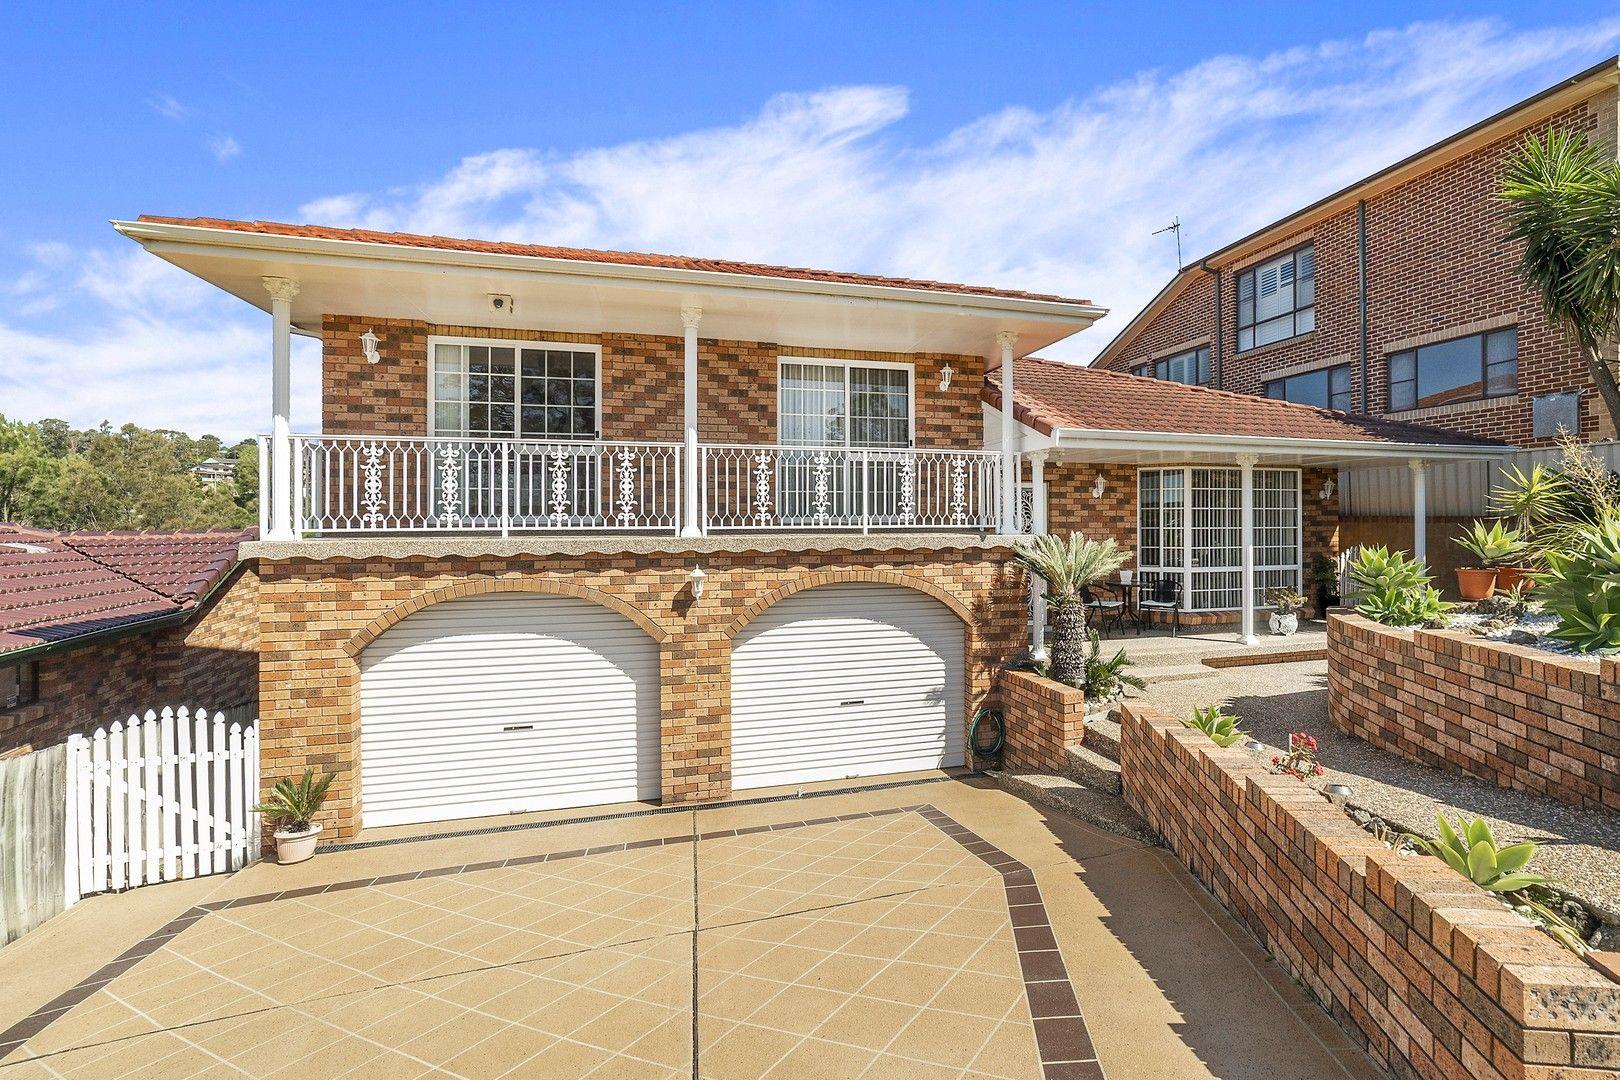 22 MURROGUN CRESCENT, Cordeaux Heights NSW 2526, Image 0